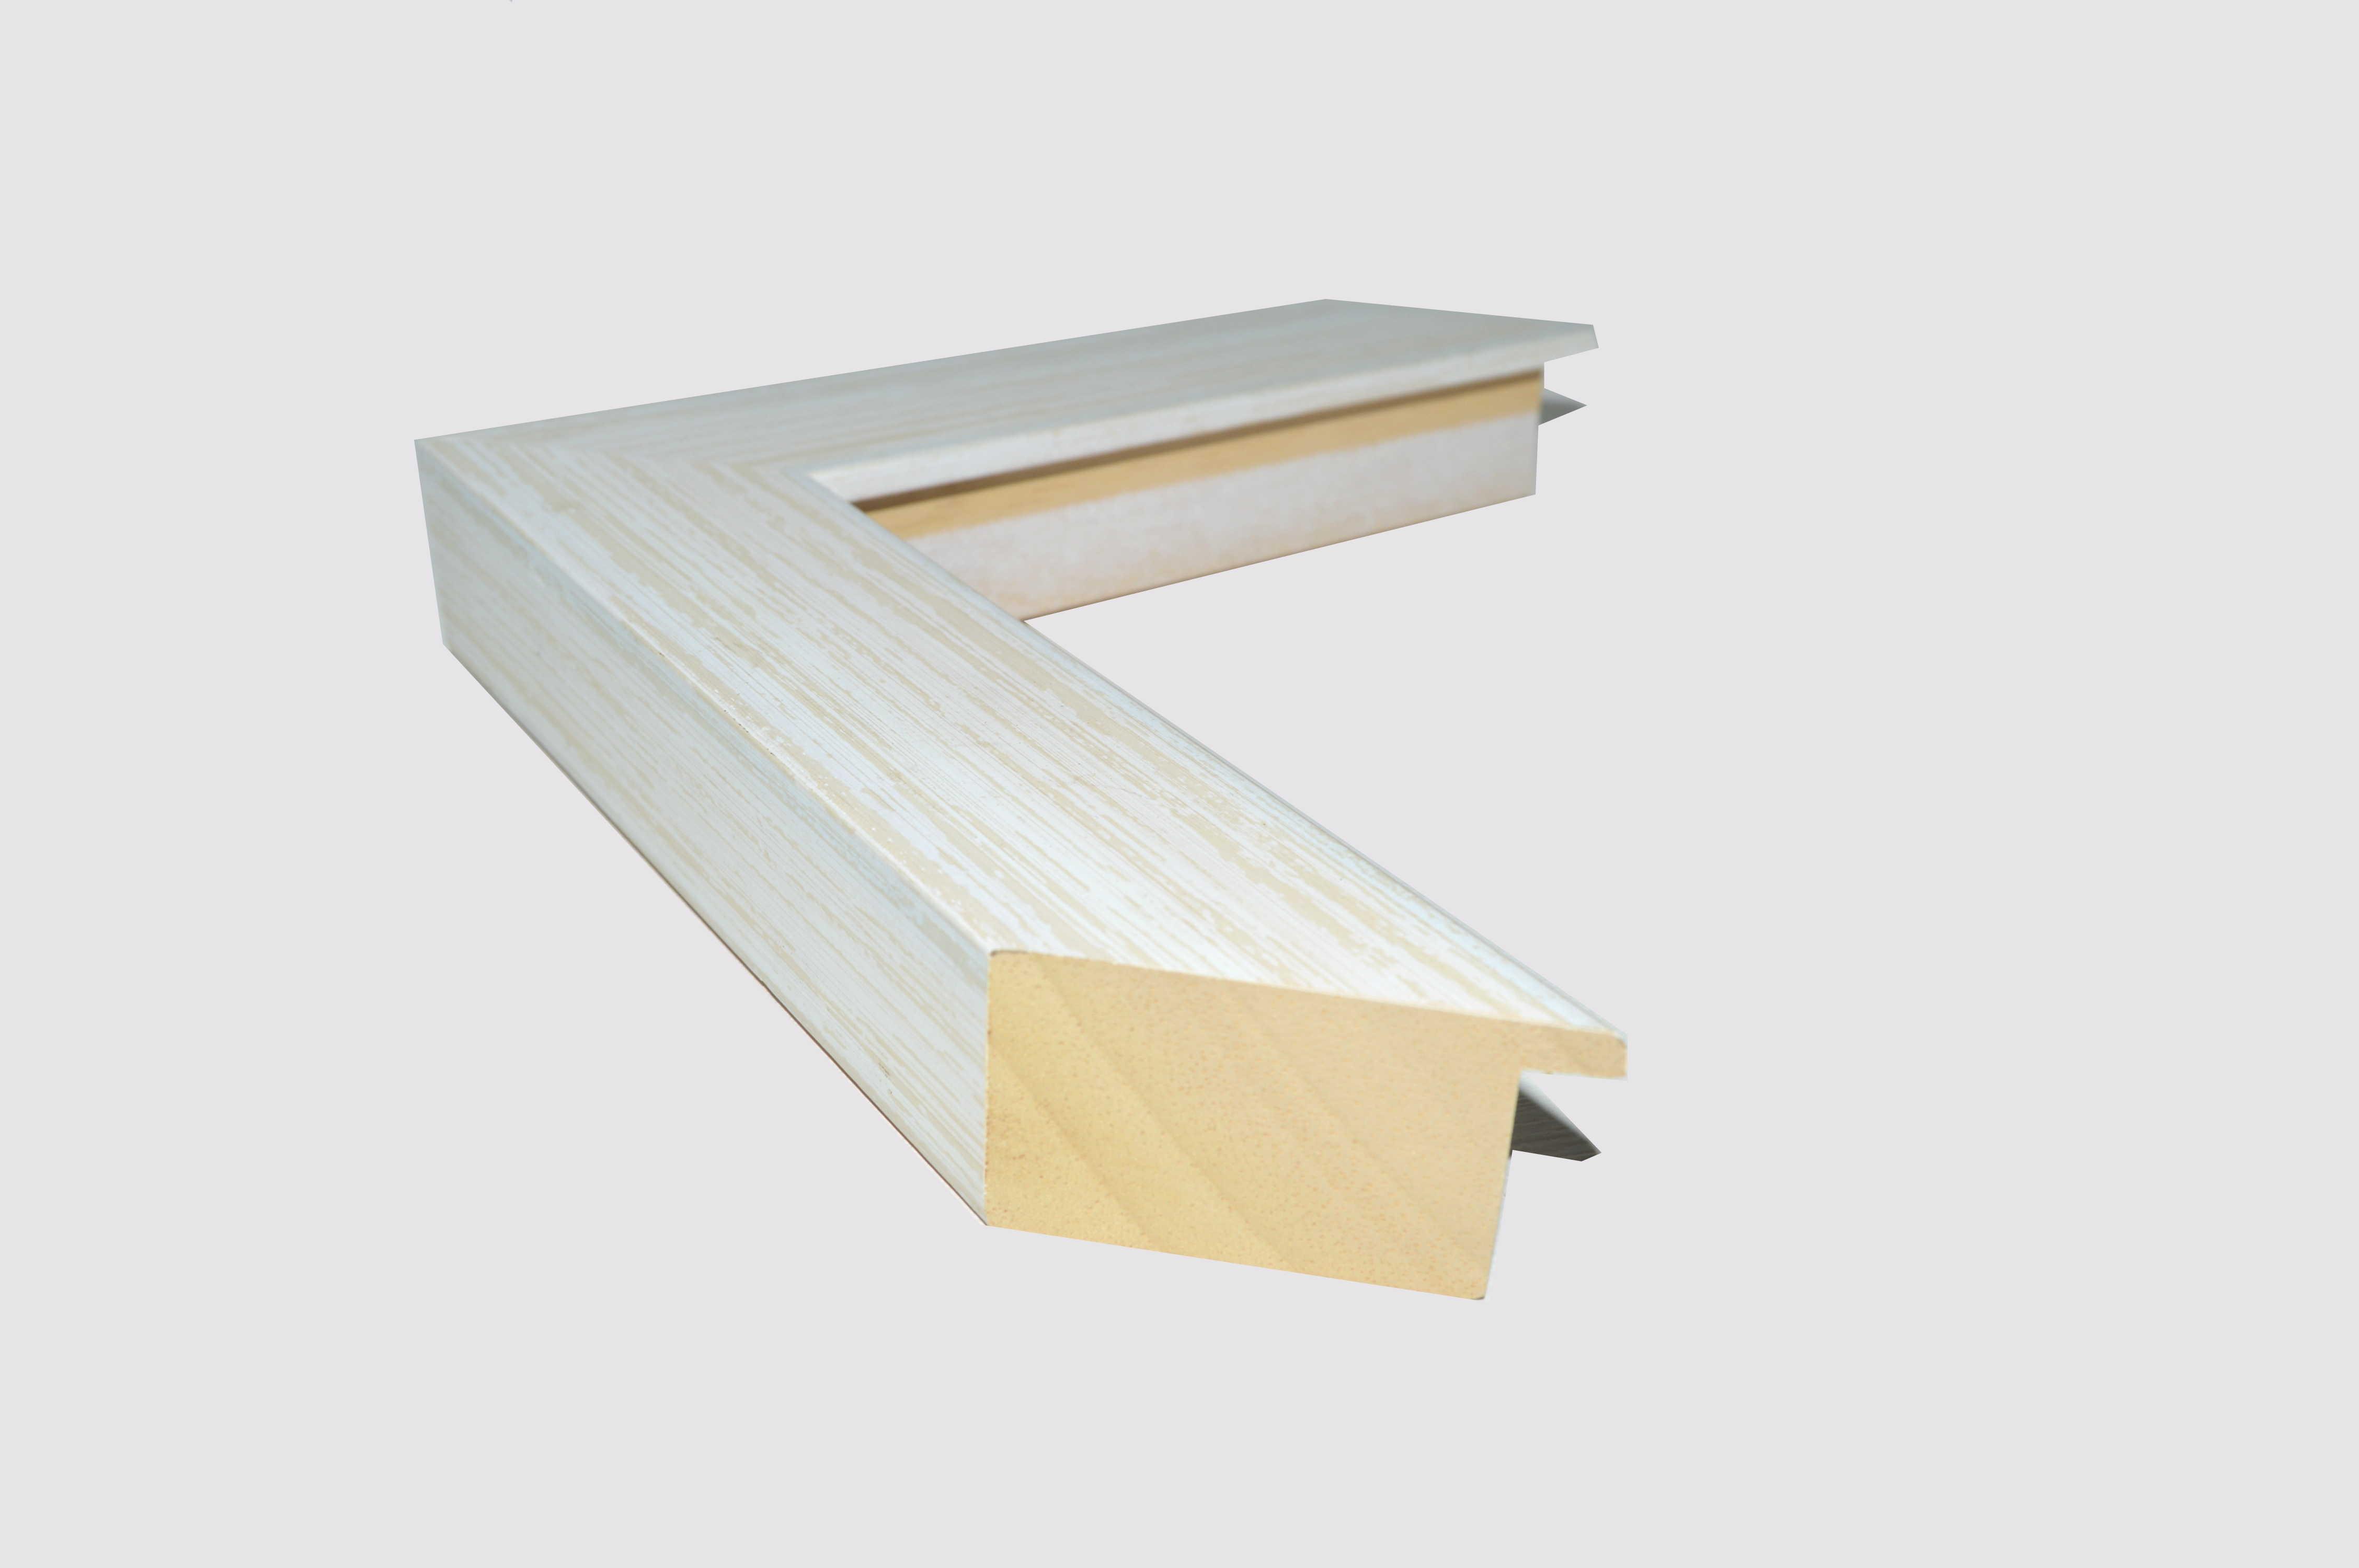 00800-112-BLANCA-ancho4cm-perfil